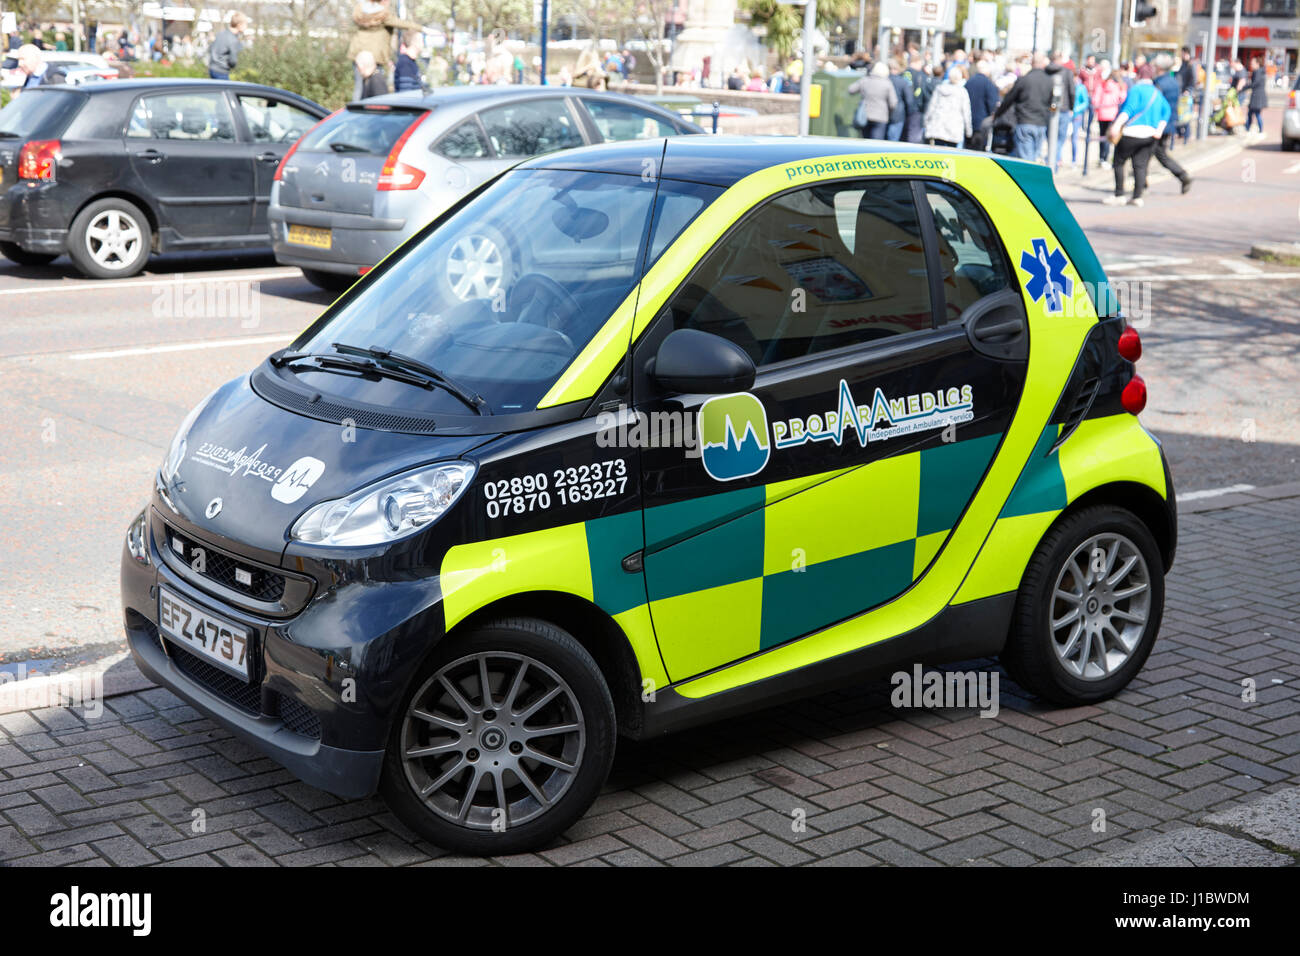 Smart Gebrauchtwagen von privaten Sanitäter Unternehmen im Vereinigten Königreich Stockbild